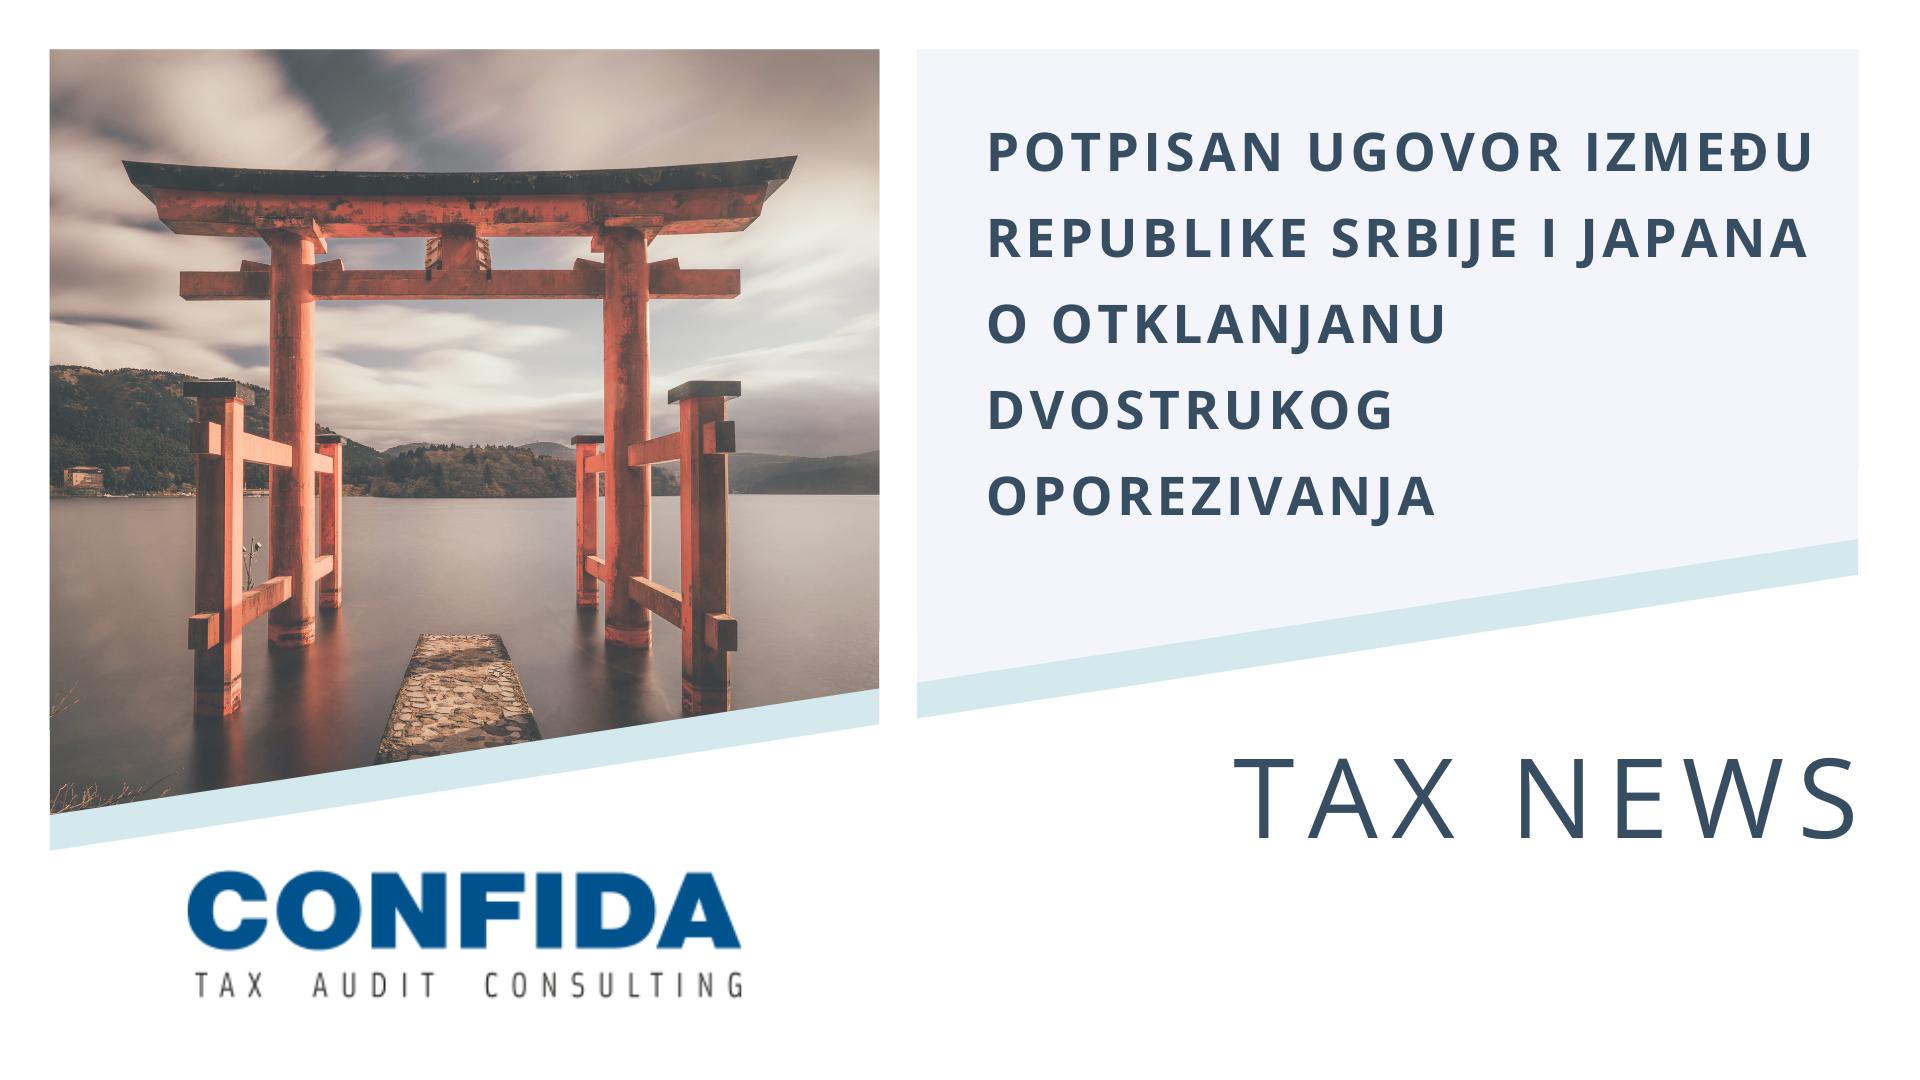 Potpisan ugovor između republike Srbije i Japana o otklanjanu dvostrukog oporezivanja